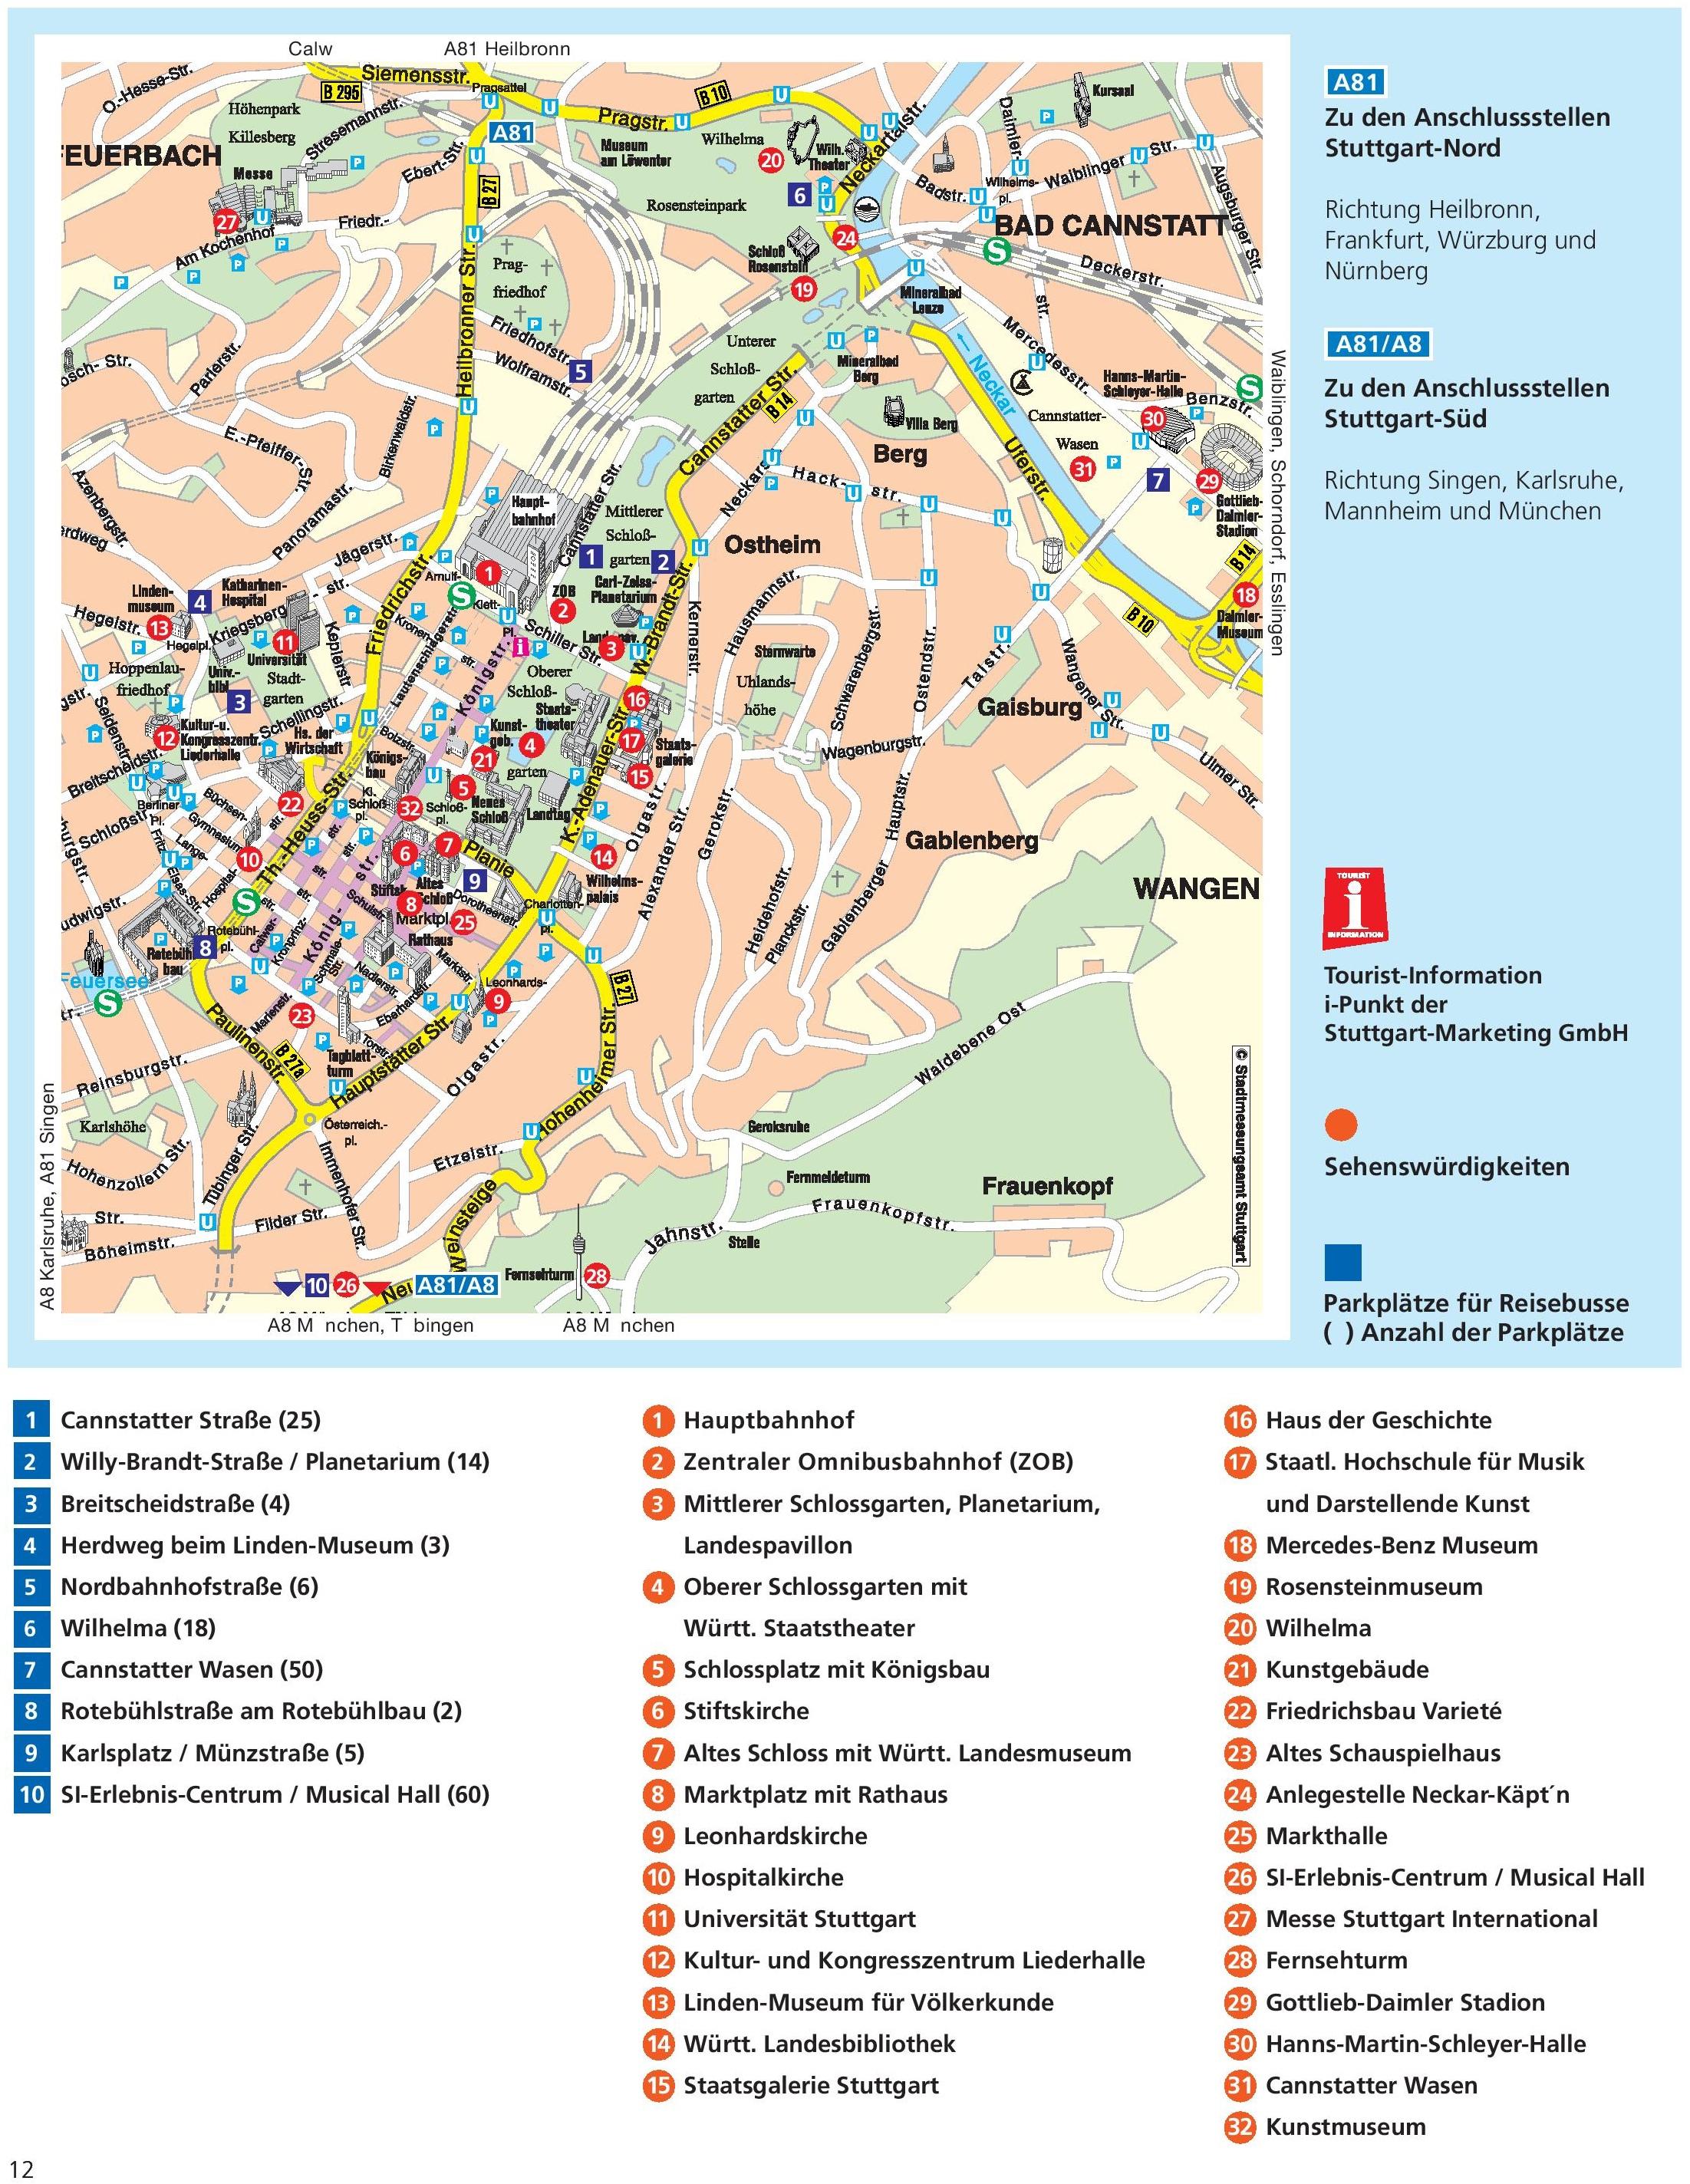 Stuttgart sightseeing map